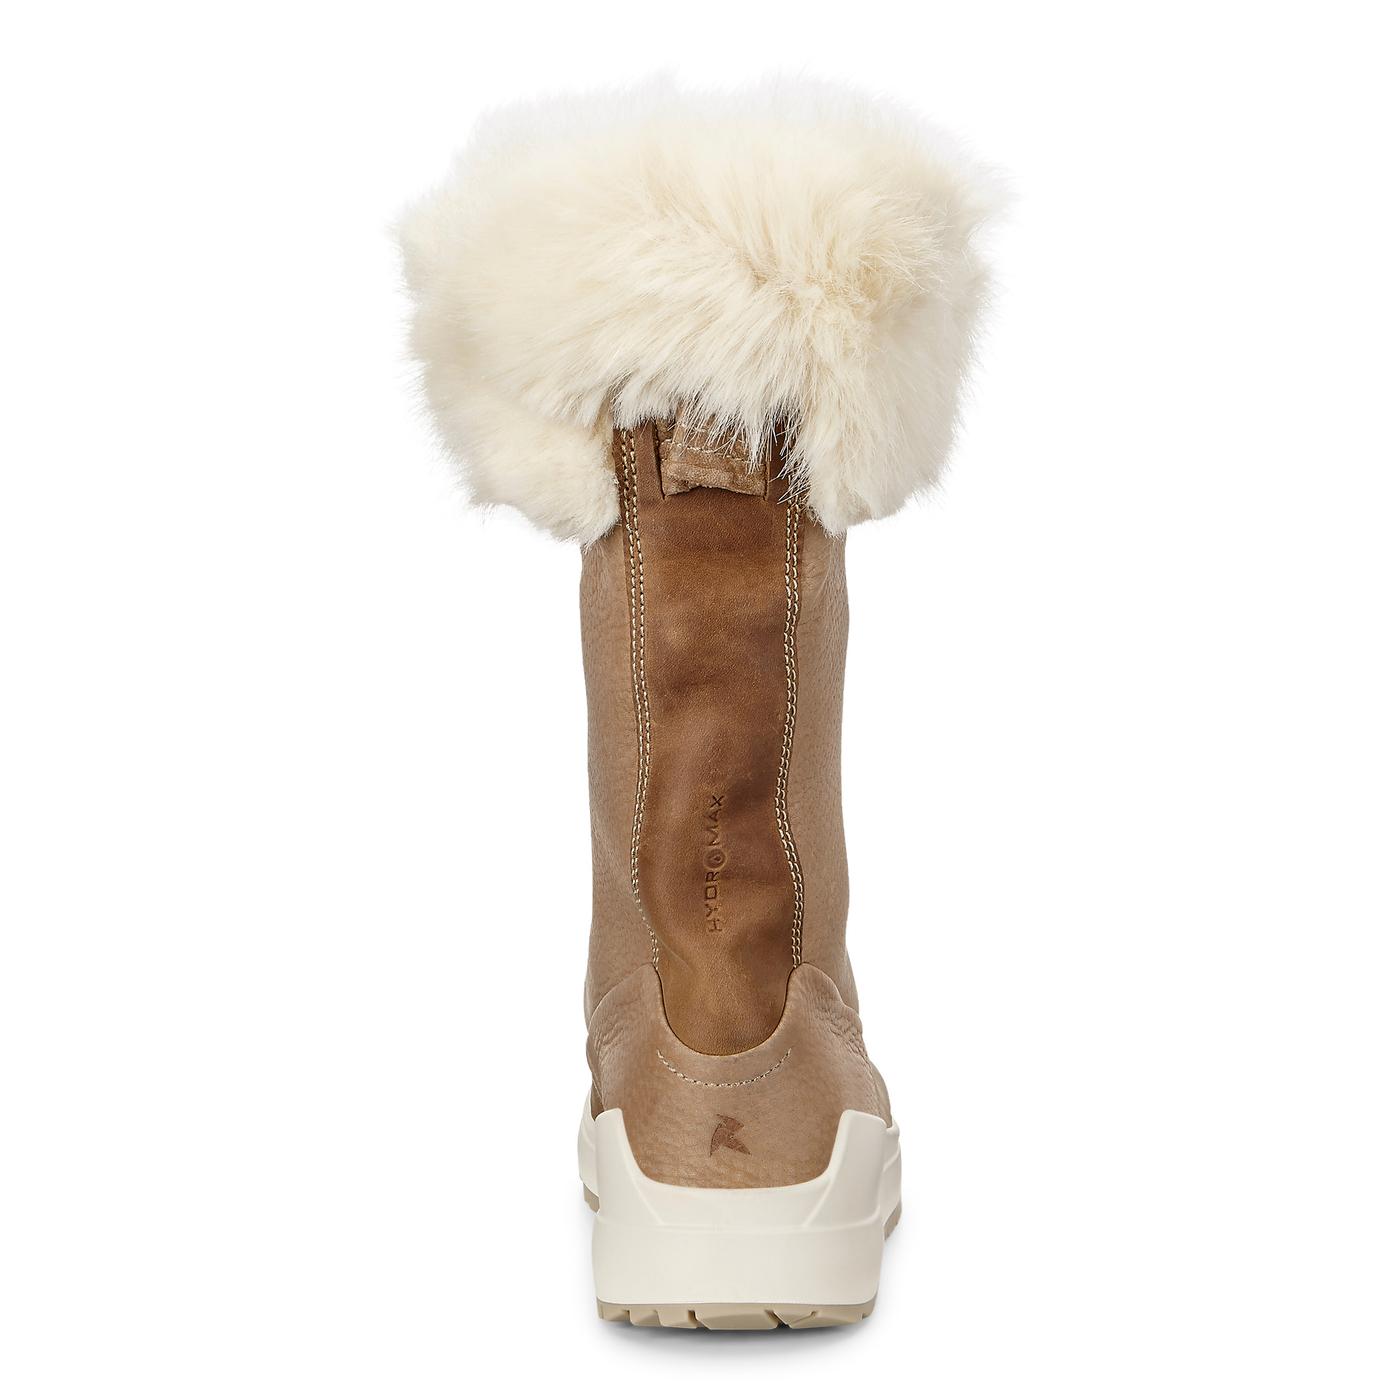 98c5793a7e ECCO Women's Noyce | Winter & Snow Boots | ECCO® Shoes